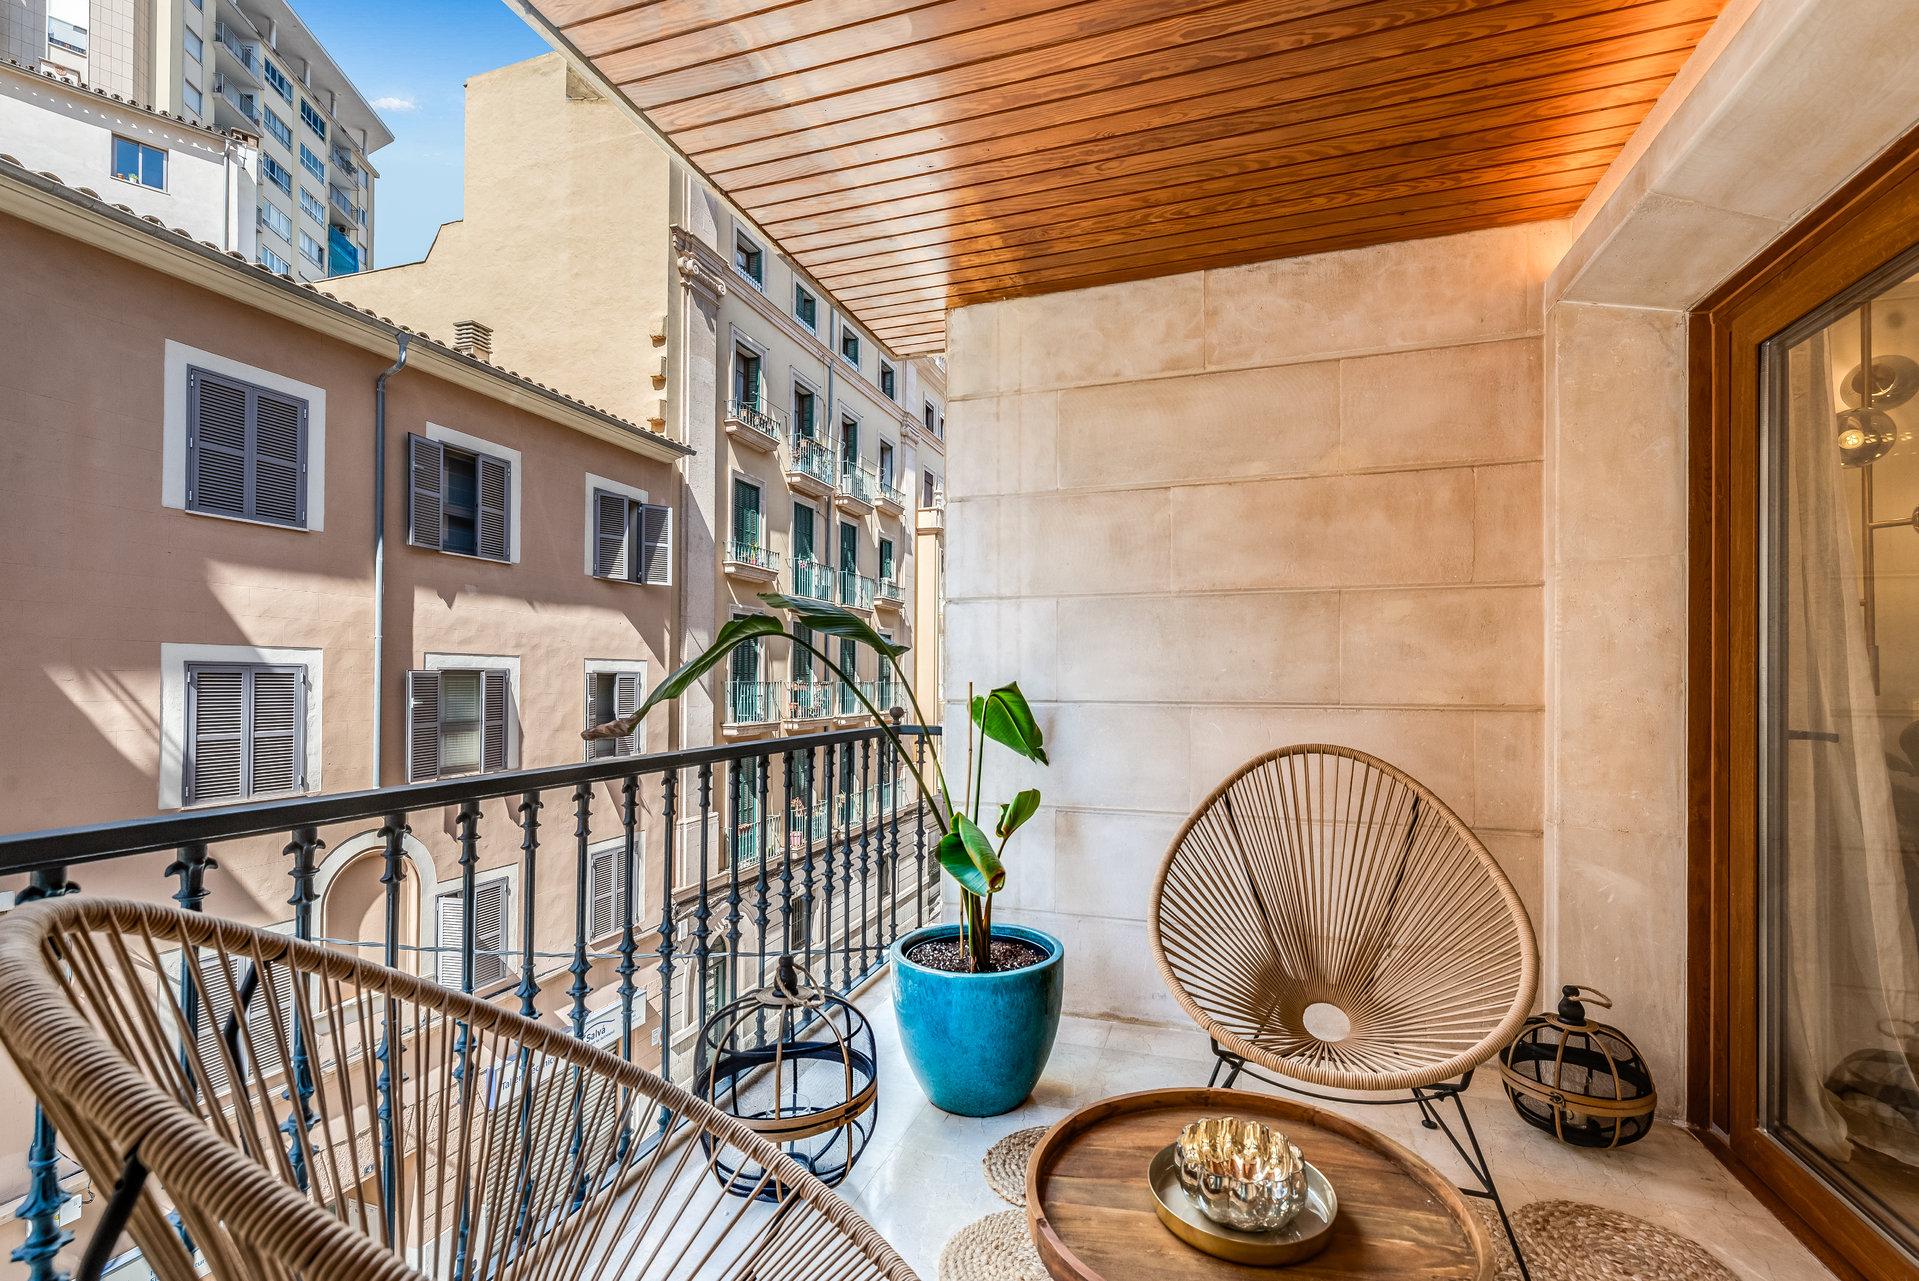 Ad Sale Apartment Palma de Mallorca (07001) ref:V0474PM